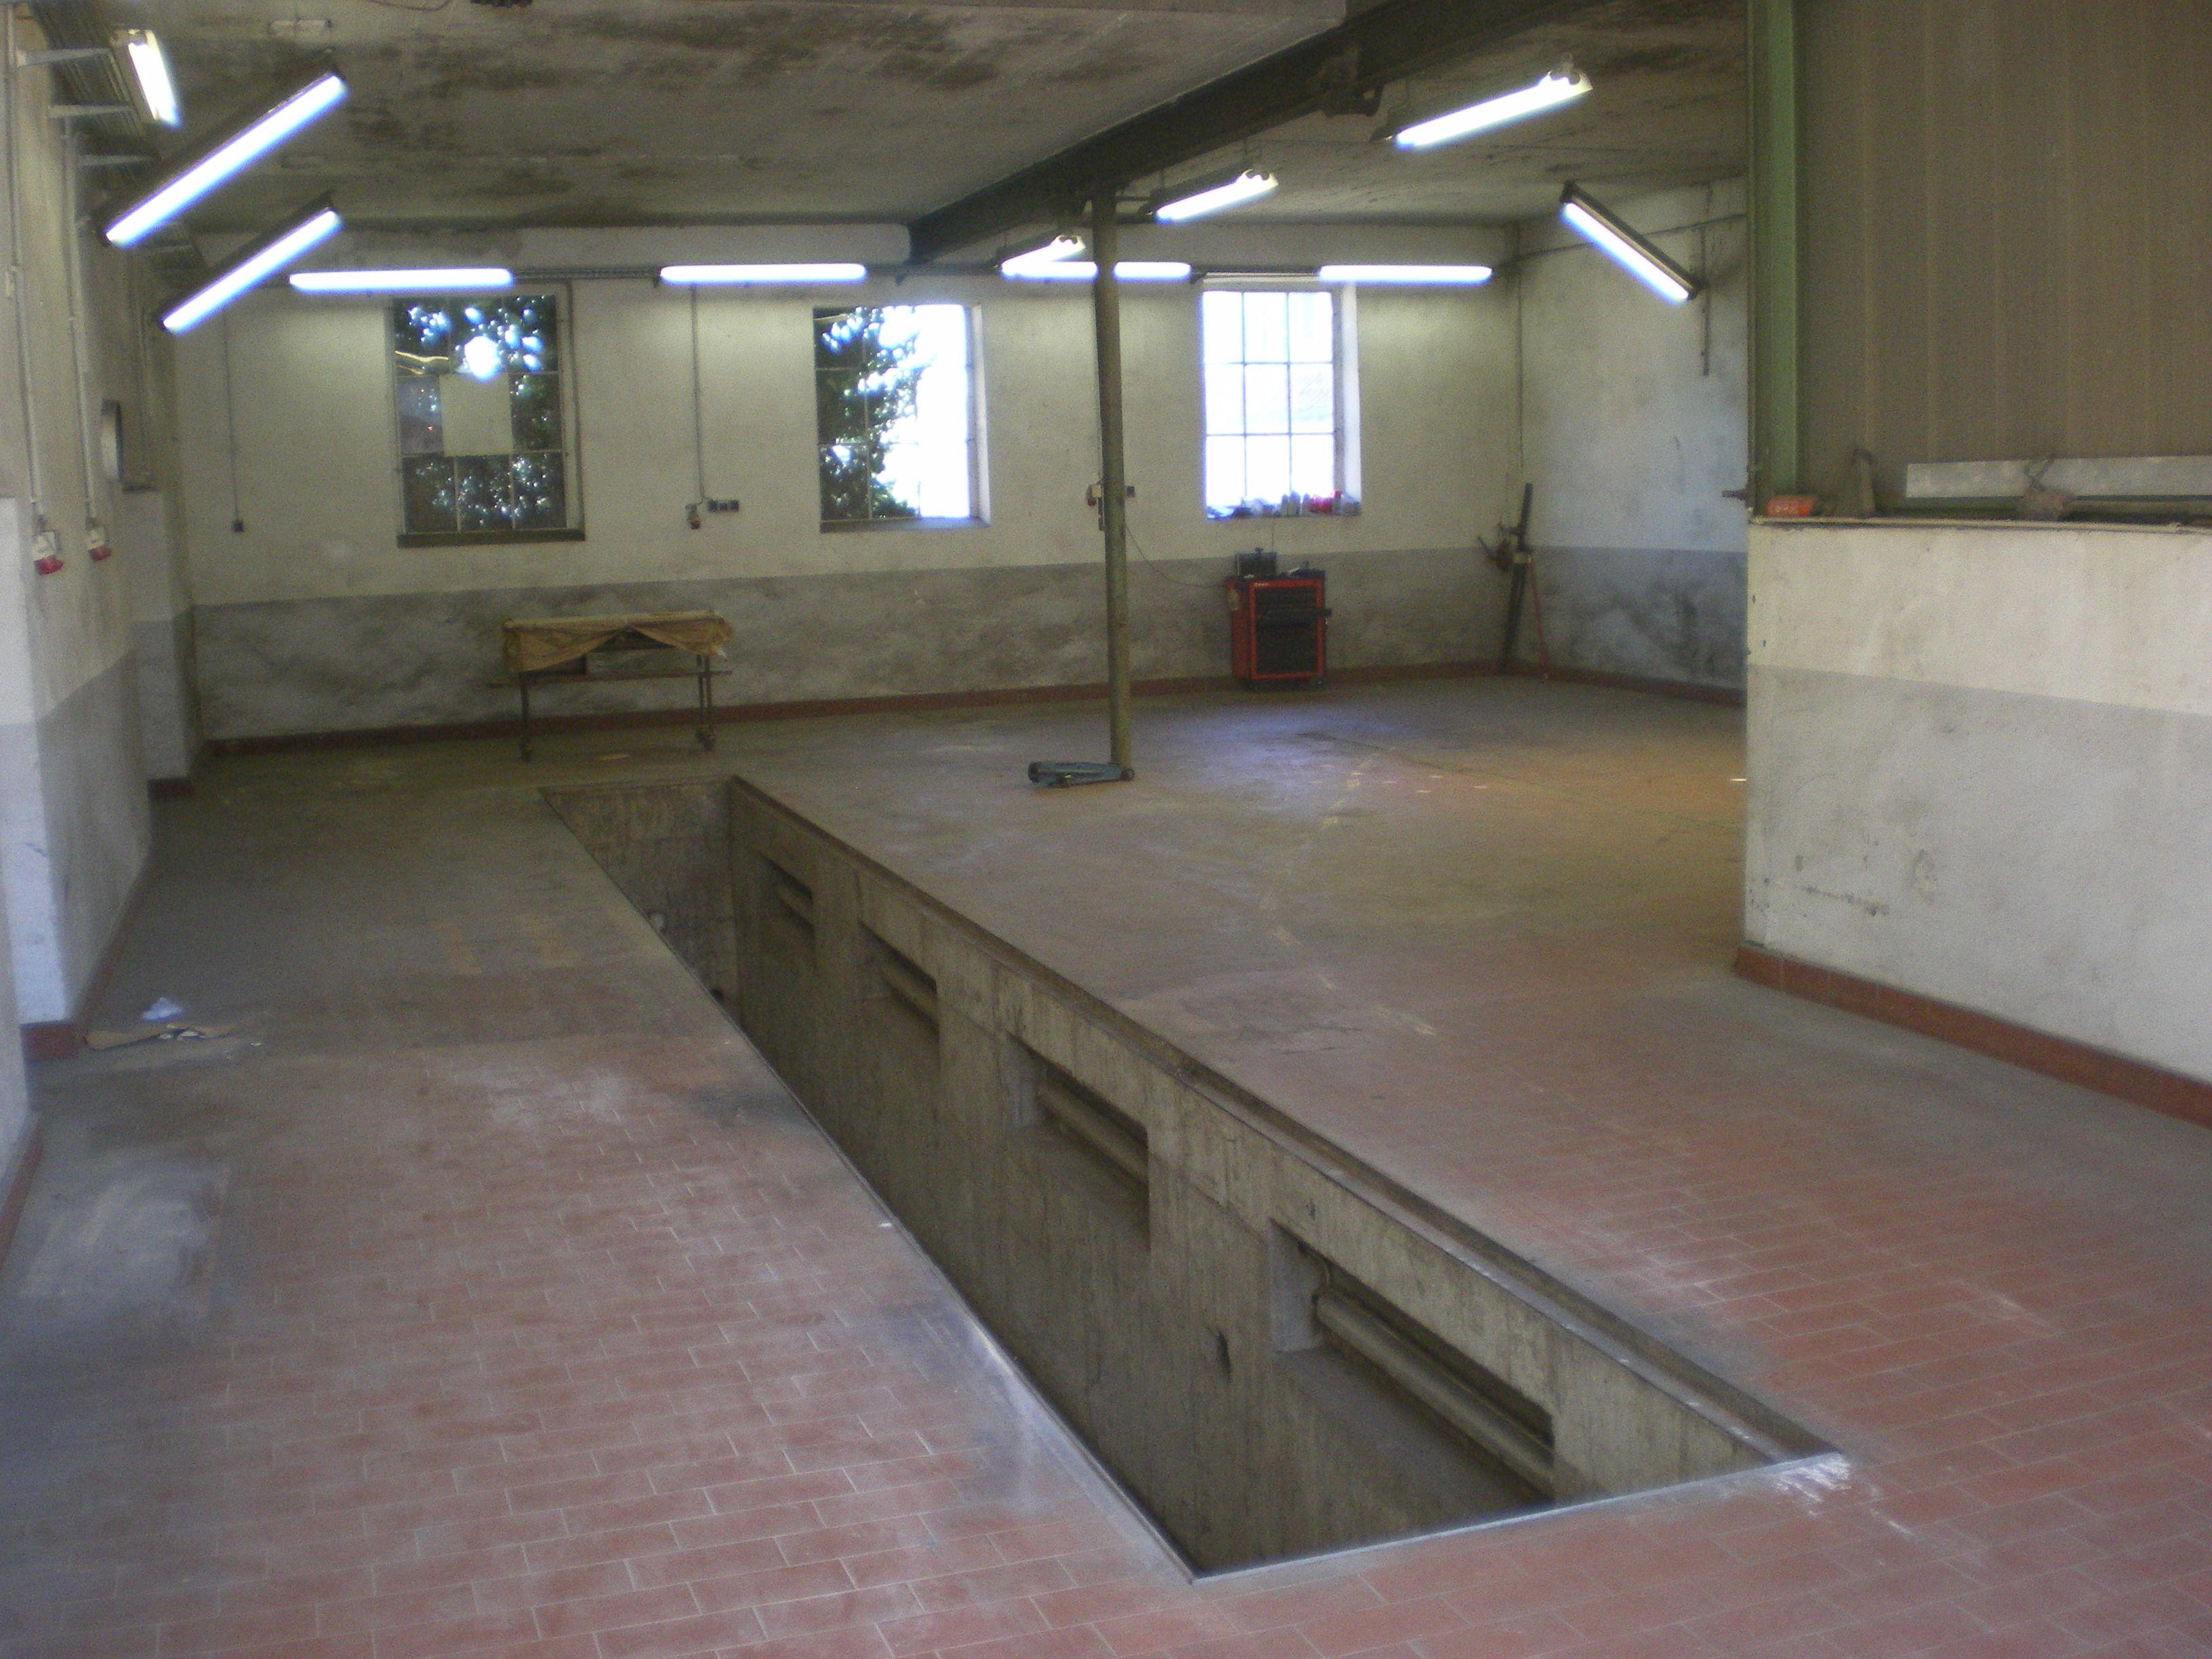 Kfz werkstatteinrichtung selber bauen  Kfz-Werkstatt nahe Münster für Oldtimer und Instandsetzung